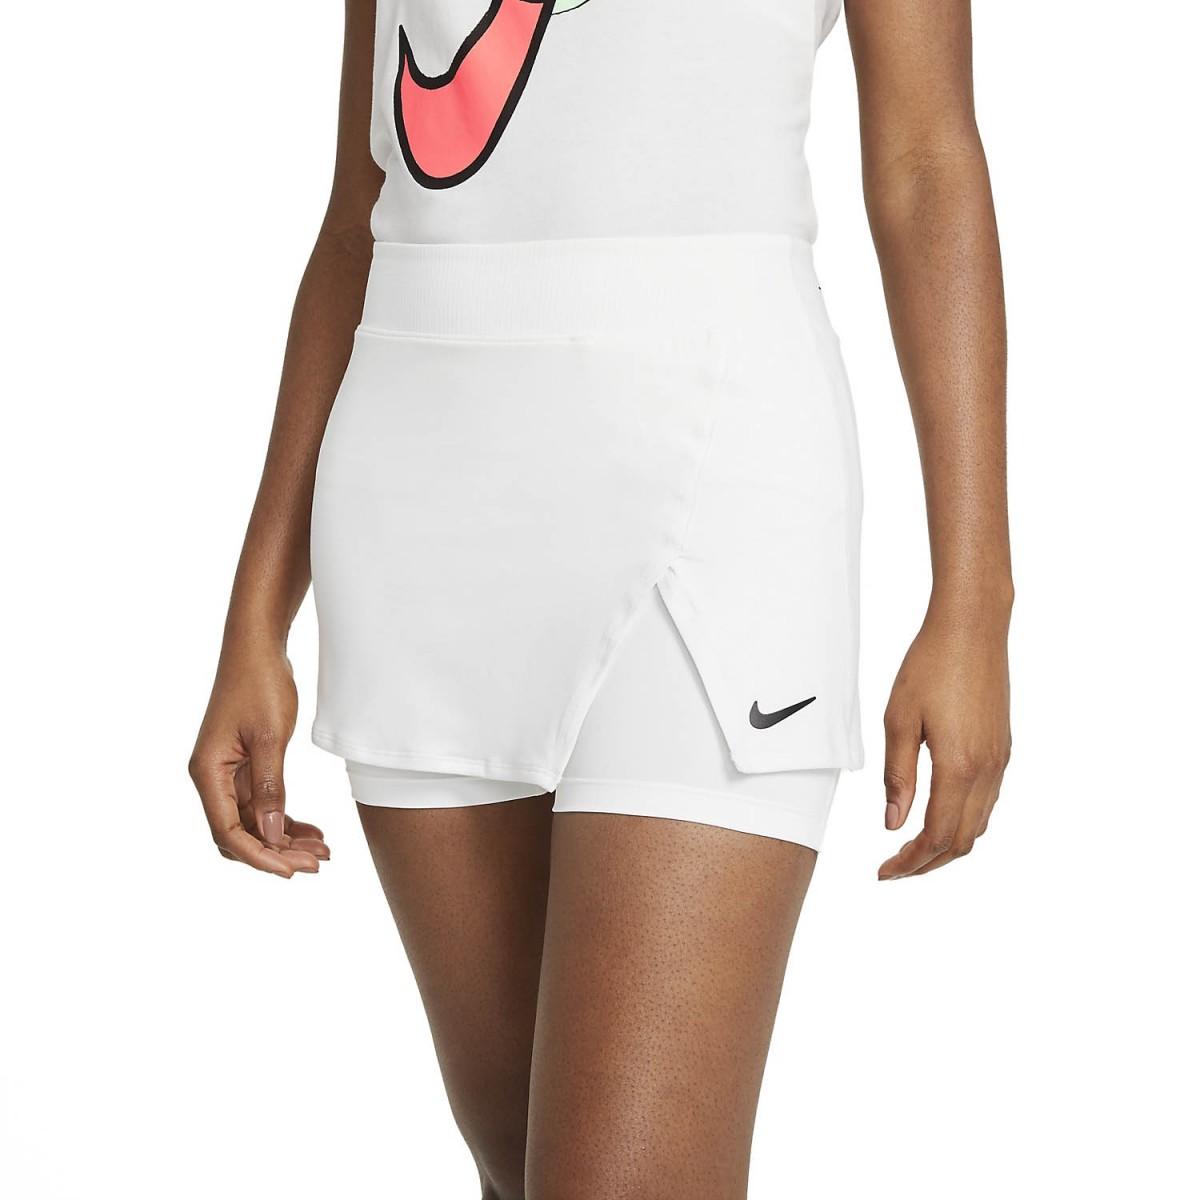 Теннисная юбка женская Nike Court Victory Tennis Skirt white/black